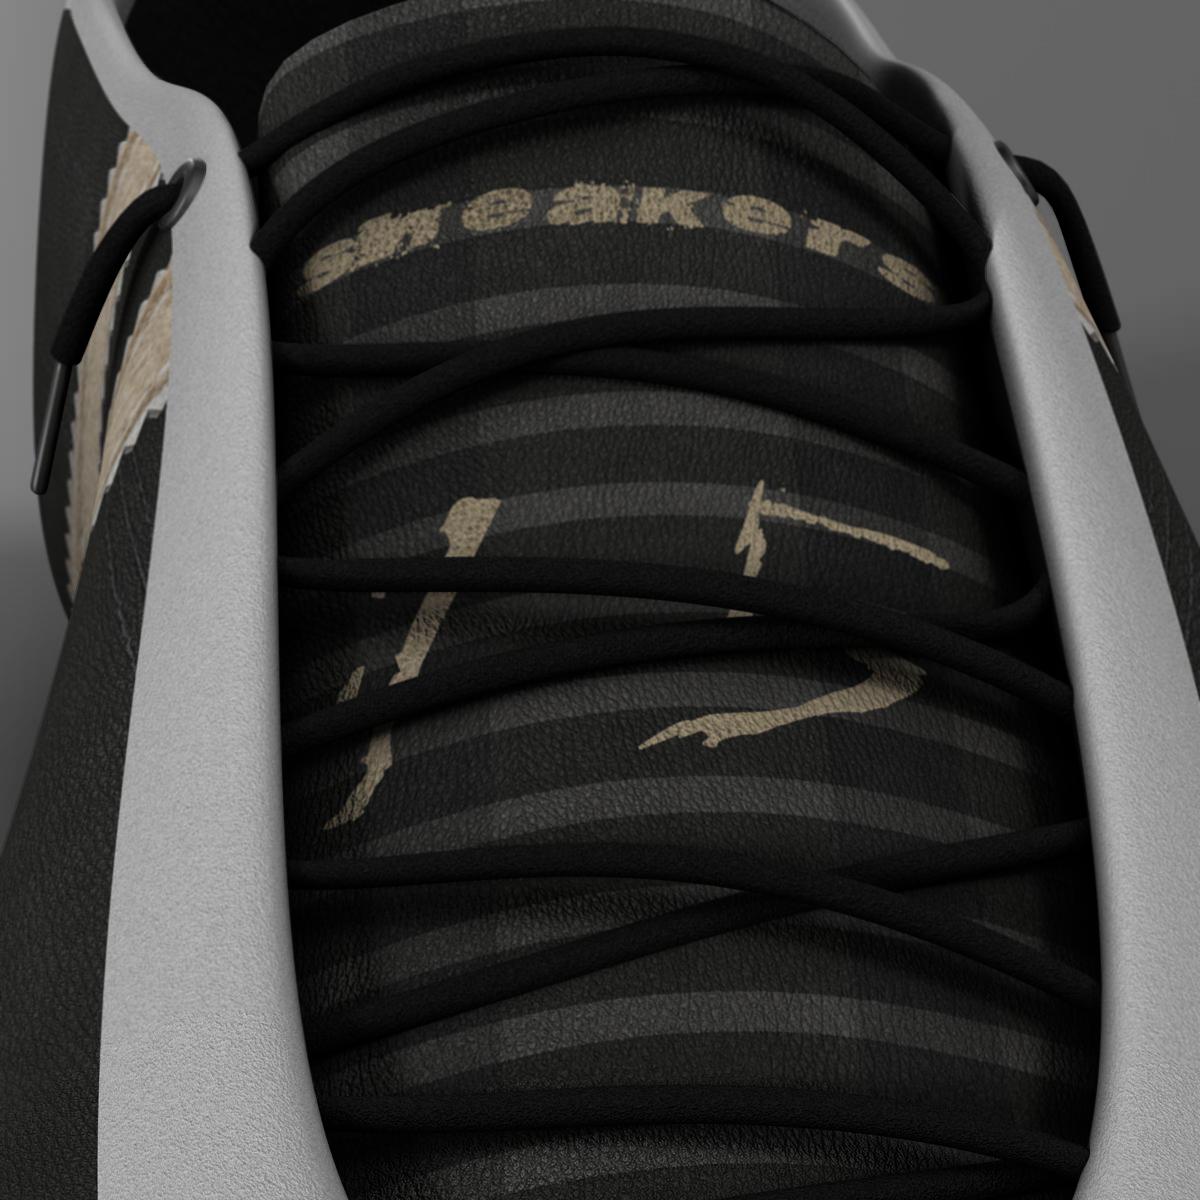 sneakers 3d model 3ds max fbx c4d ma mb obj 160388